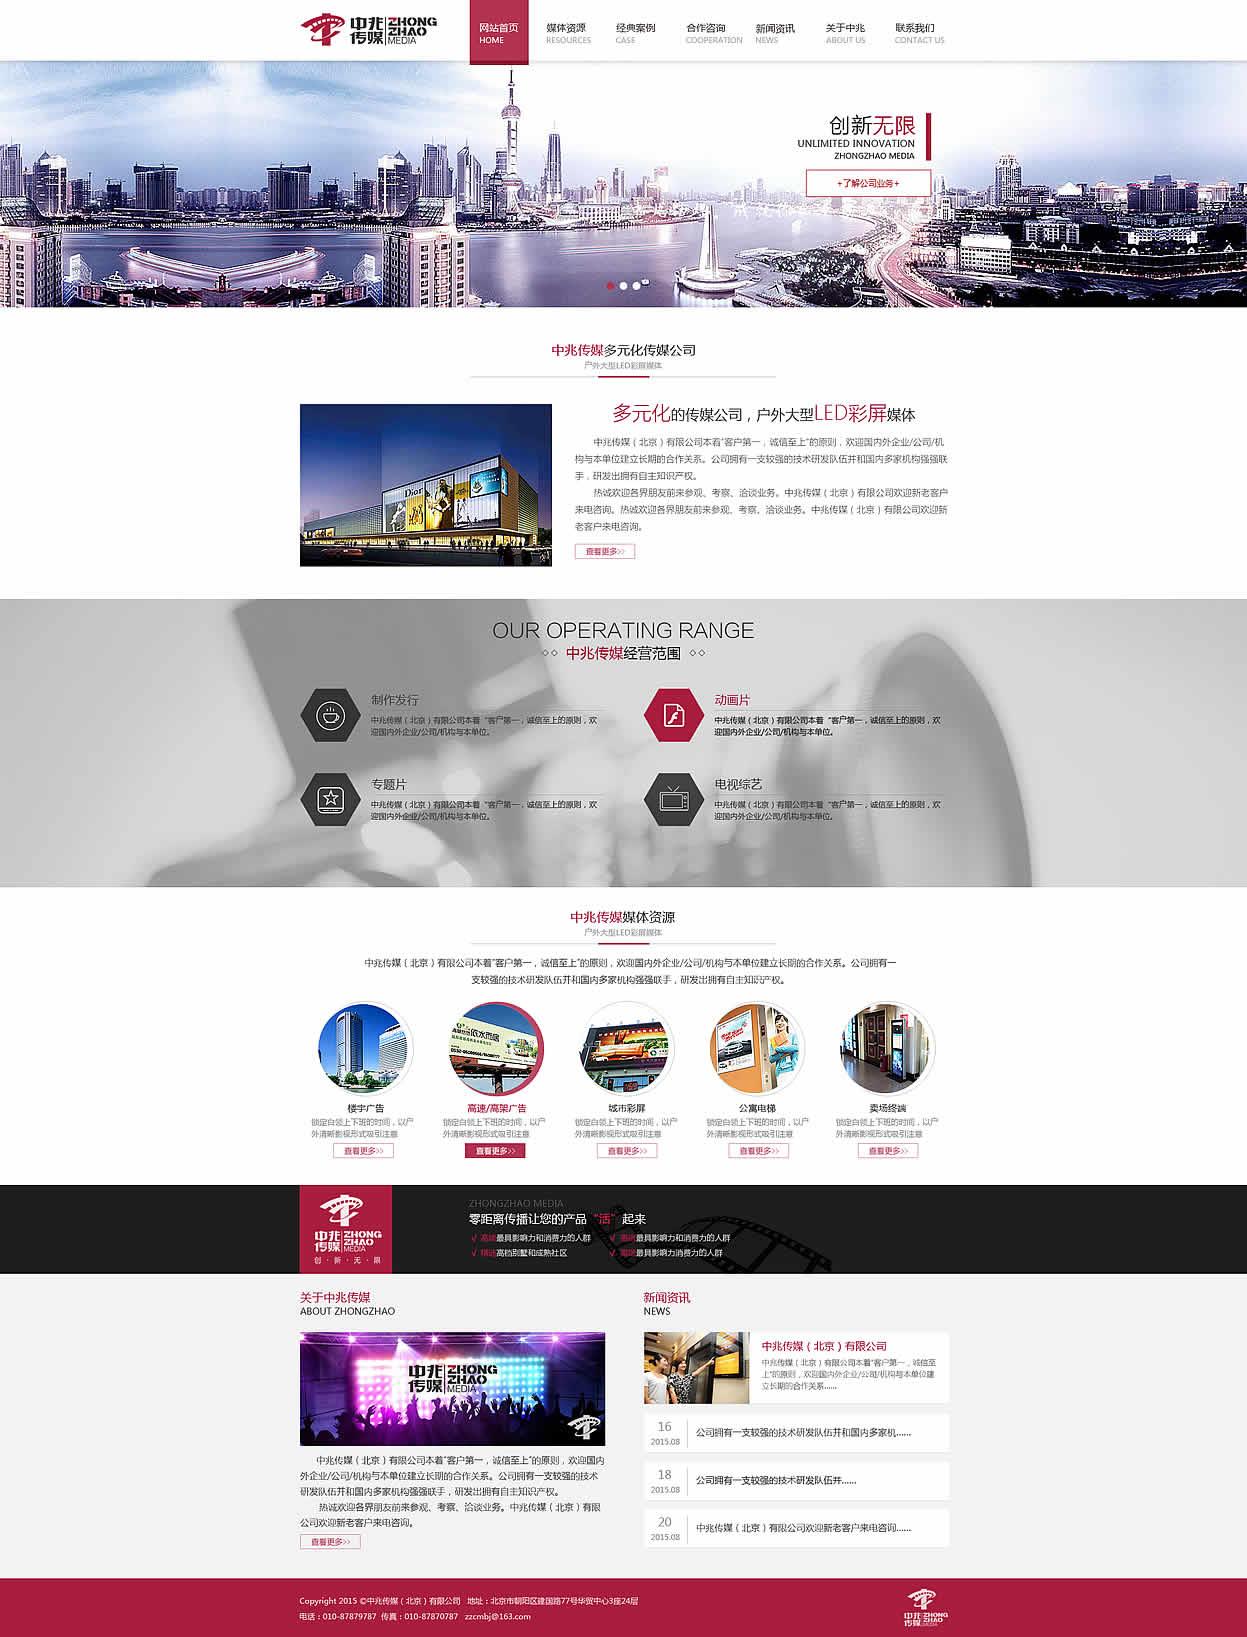 传媒公司企业网站首页效果图